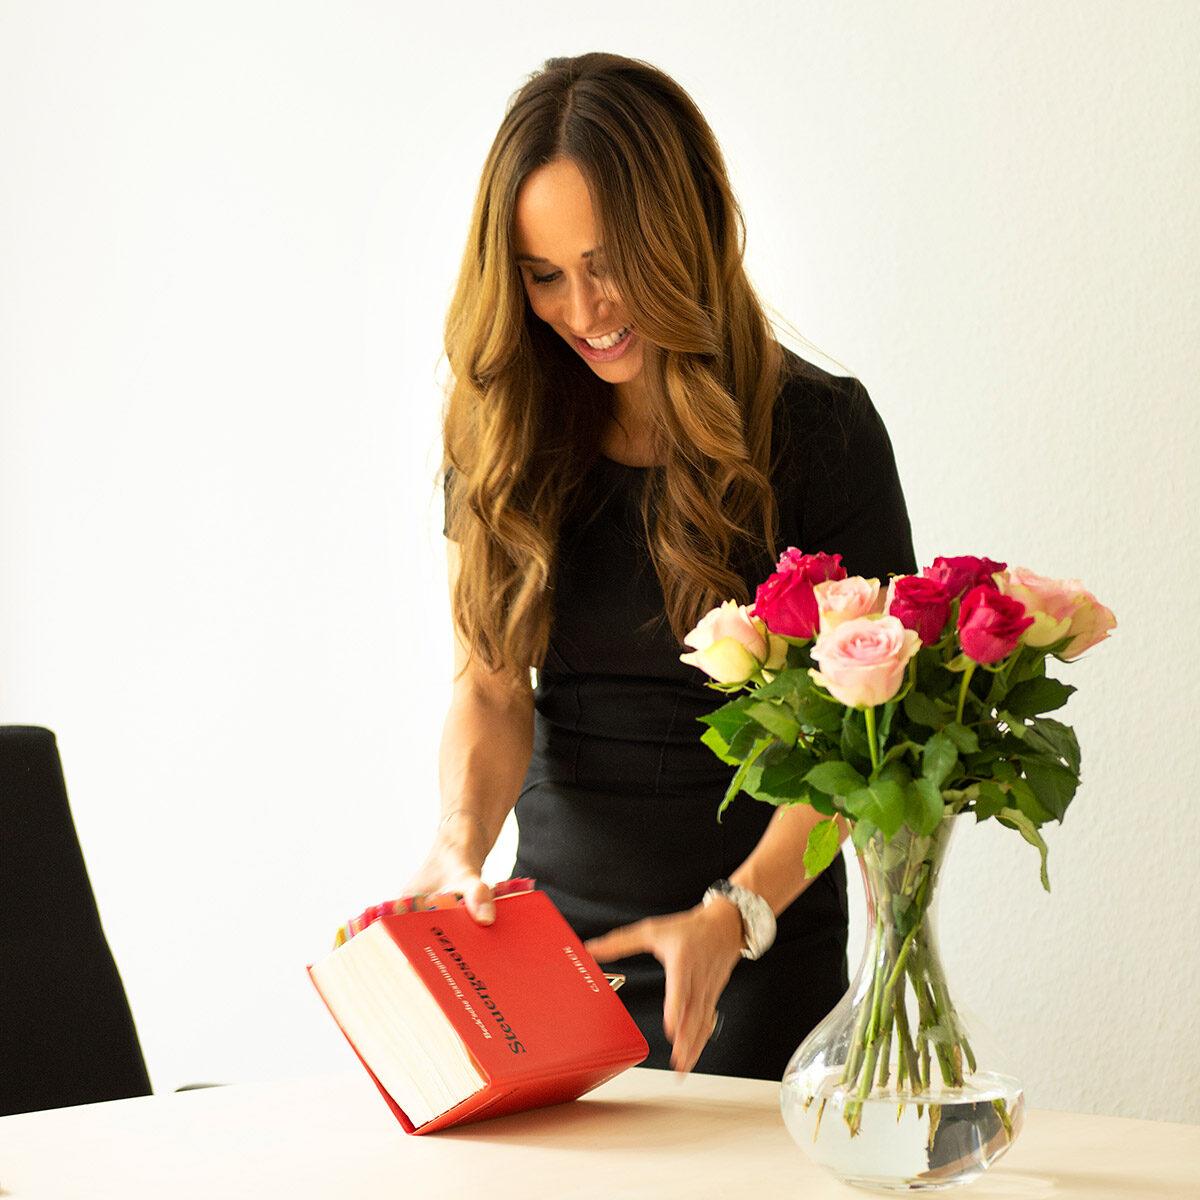 Firmenportrait von Privatax mit Steuerberaterin Jessica Schmidt mit Buch stehend an Konferenztisch |Felix Krammer Fotografie